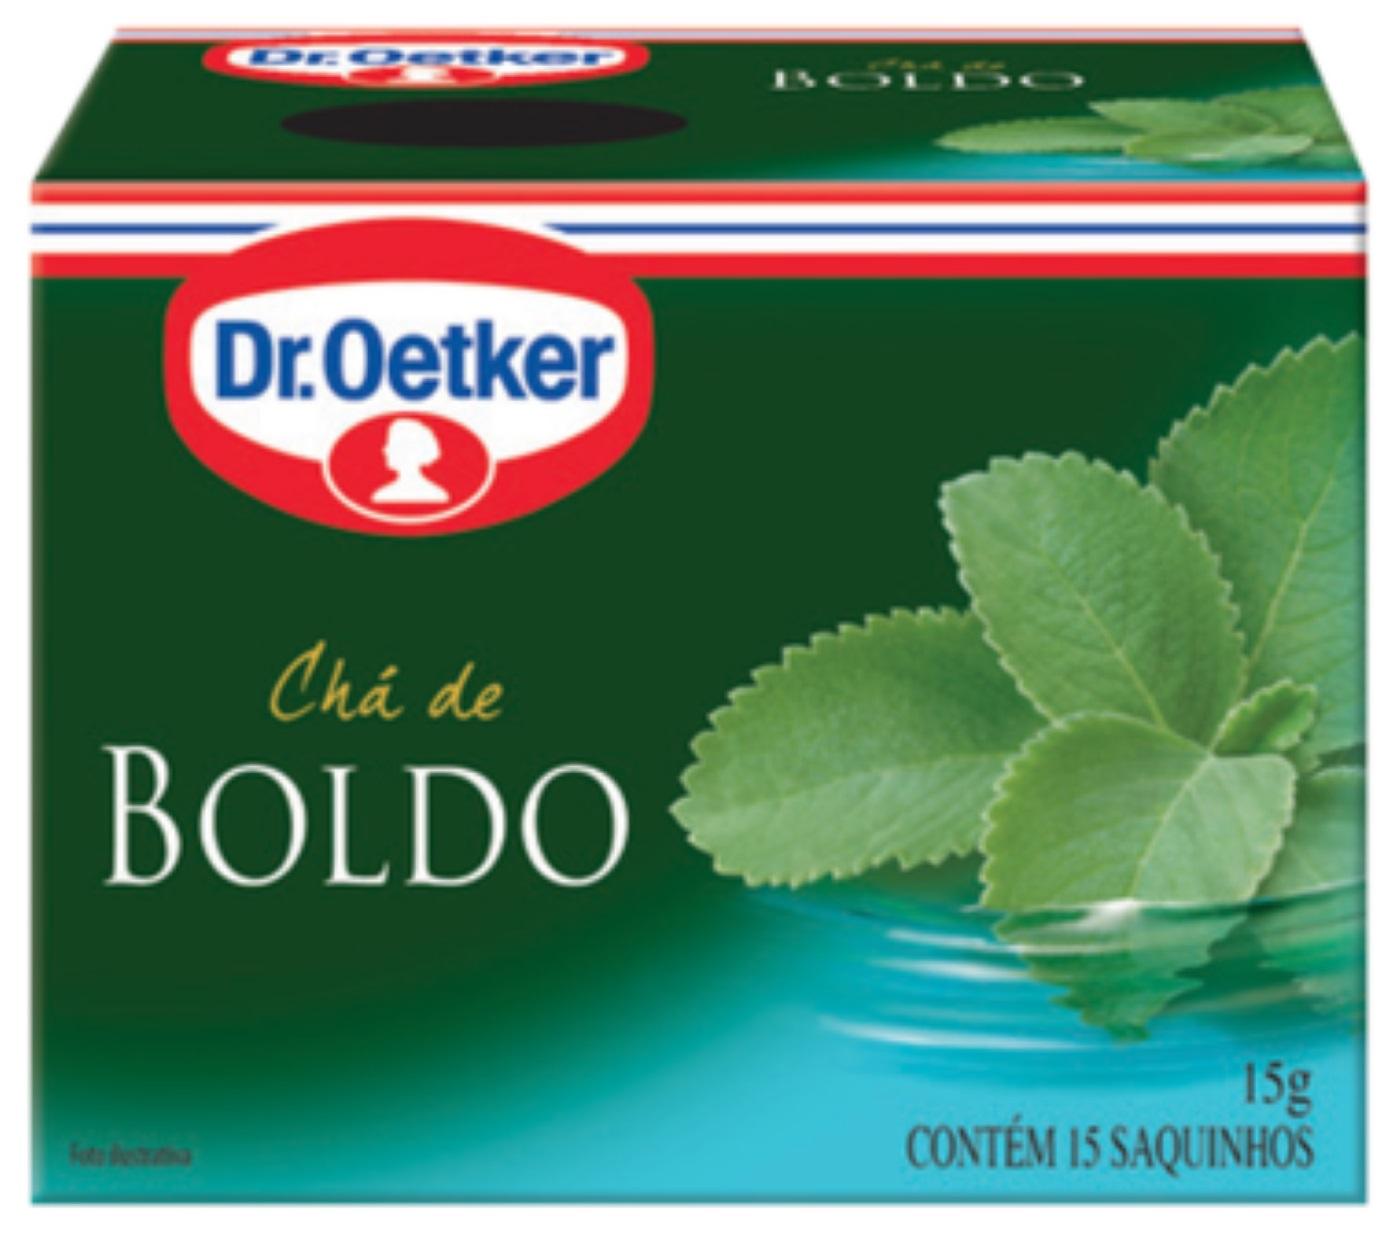 CHÁ DE BOLDO - DR. OETKER